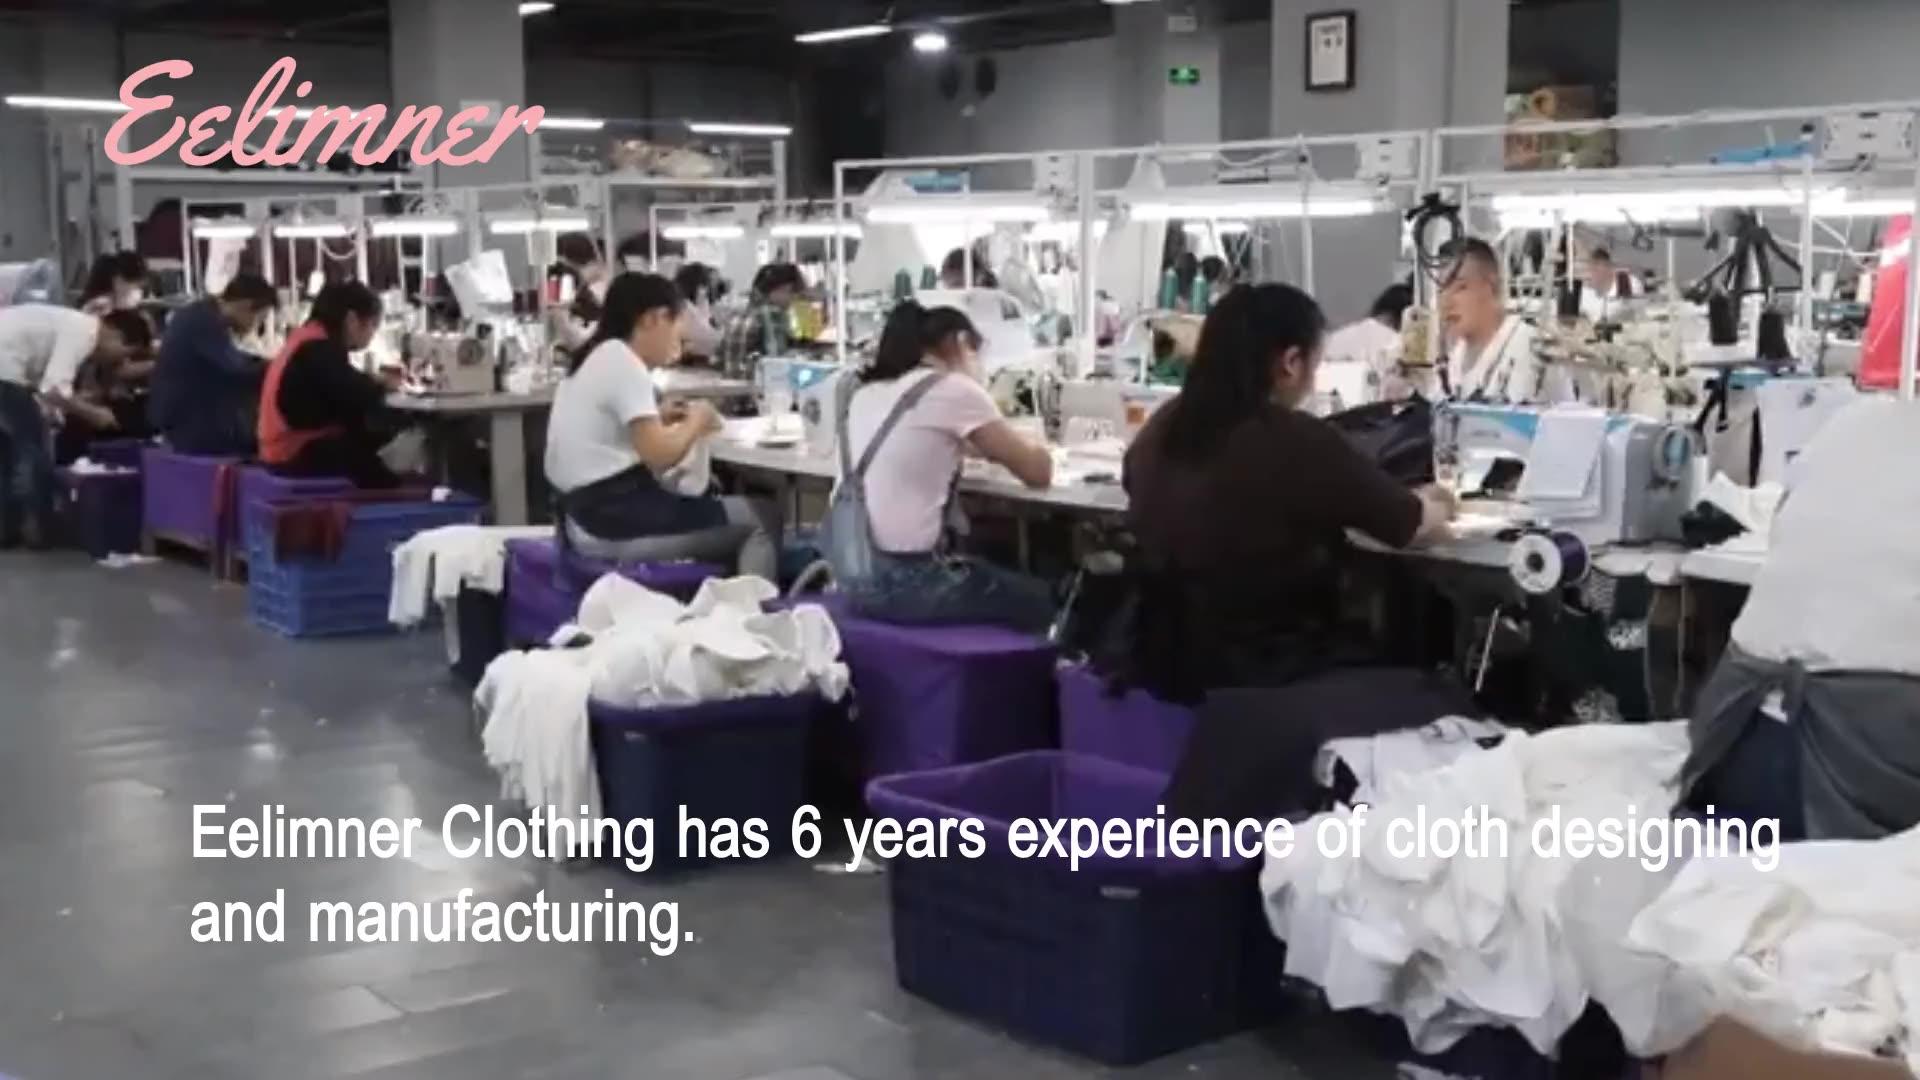 अतिरिक्त यूरोपीय डे स्वेटर vestidos महिला चिथड़े आकार बड़े कपड़े कपड़े अरब सफेद पोशाक